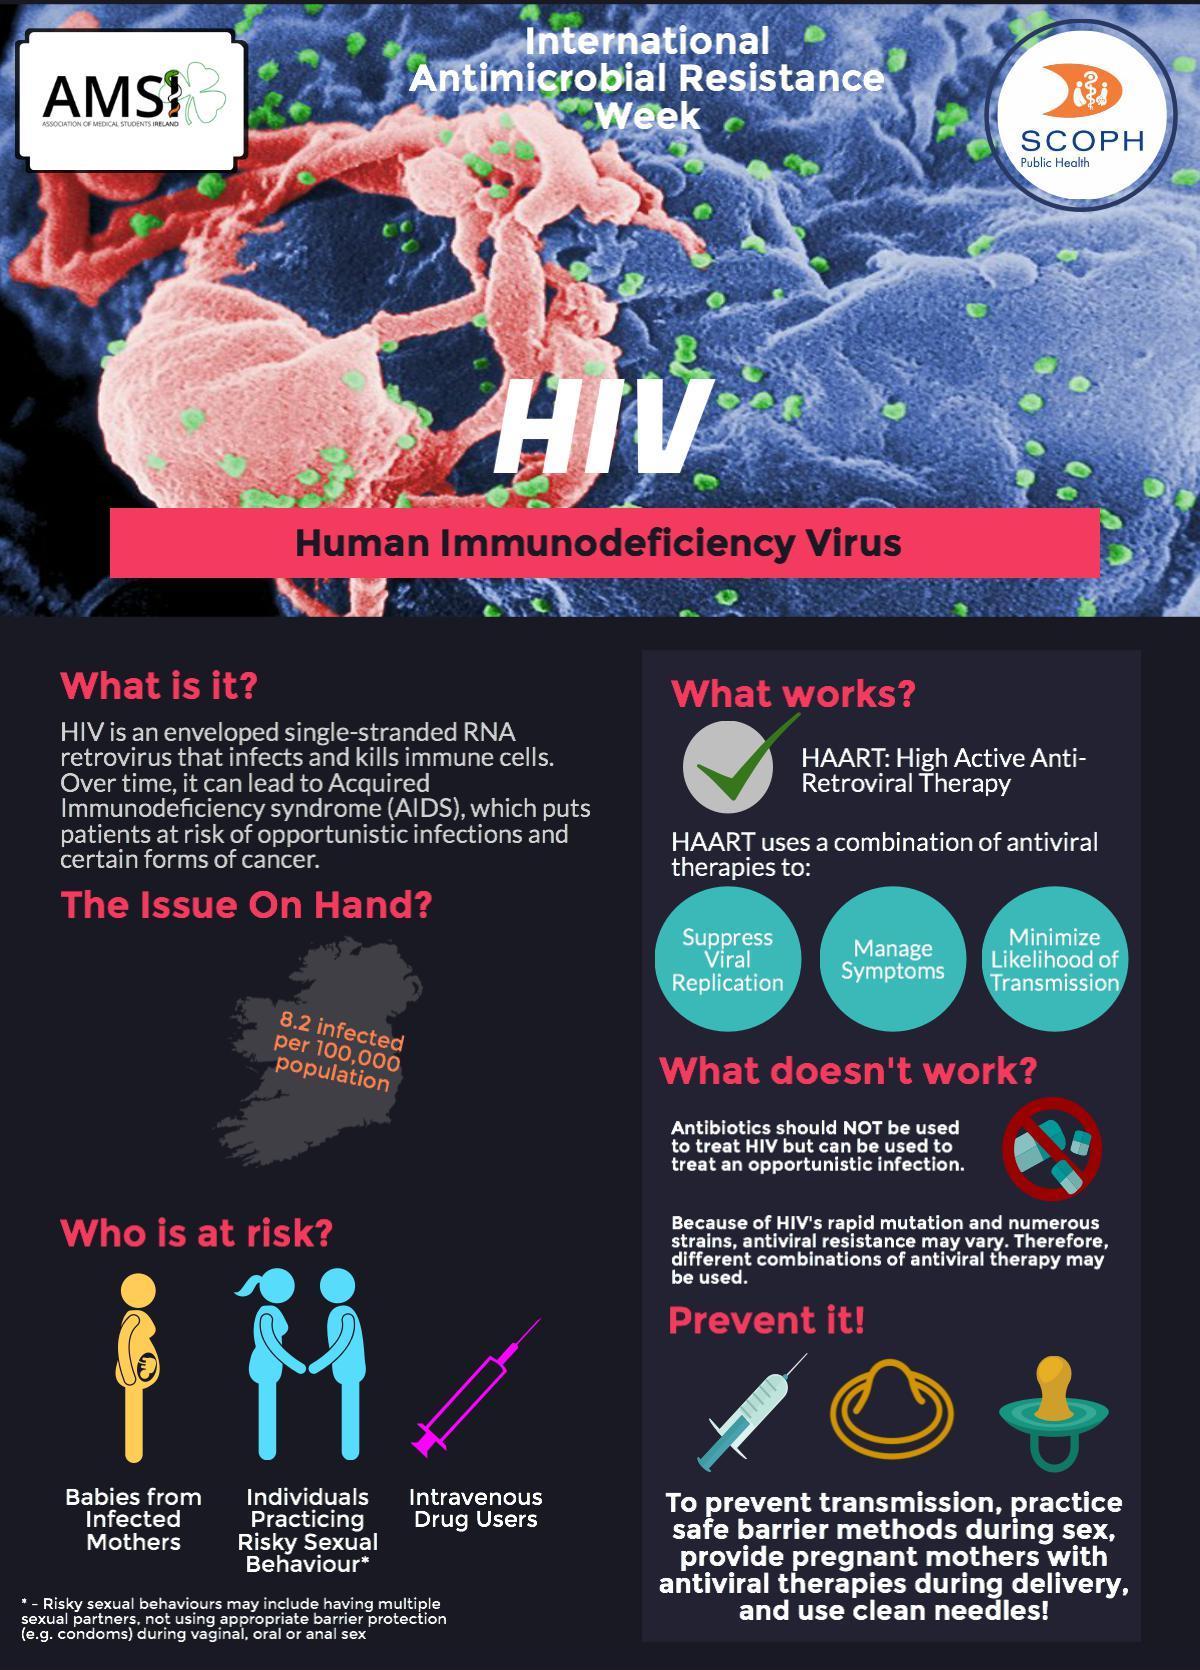 AMR Week HIV.jpeg